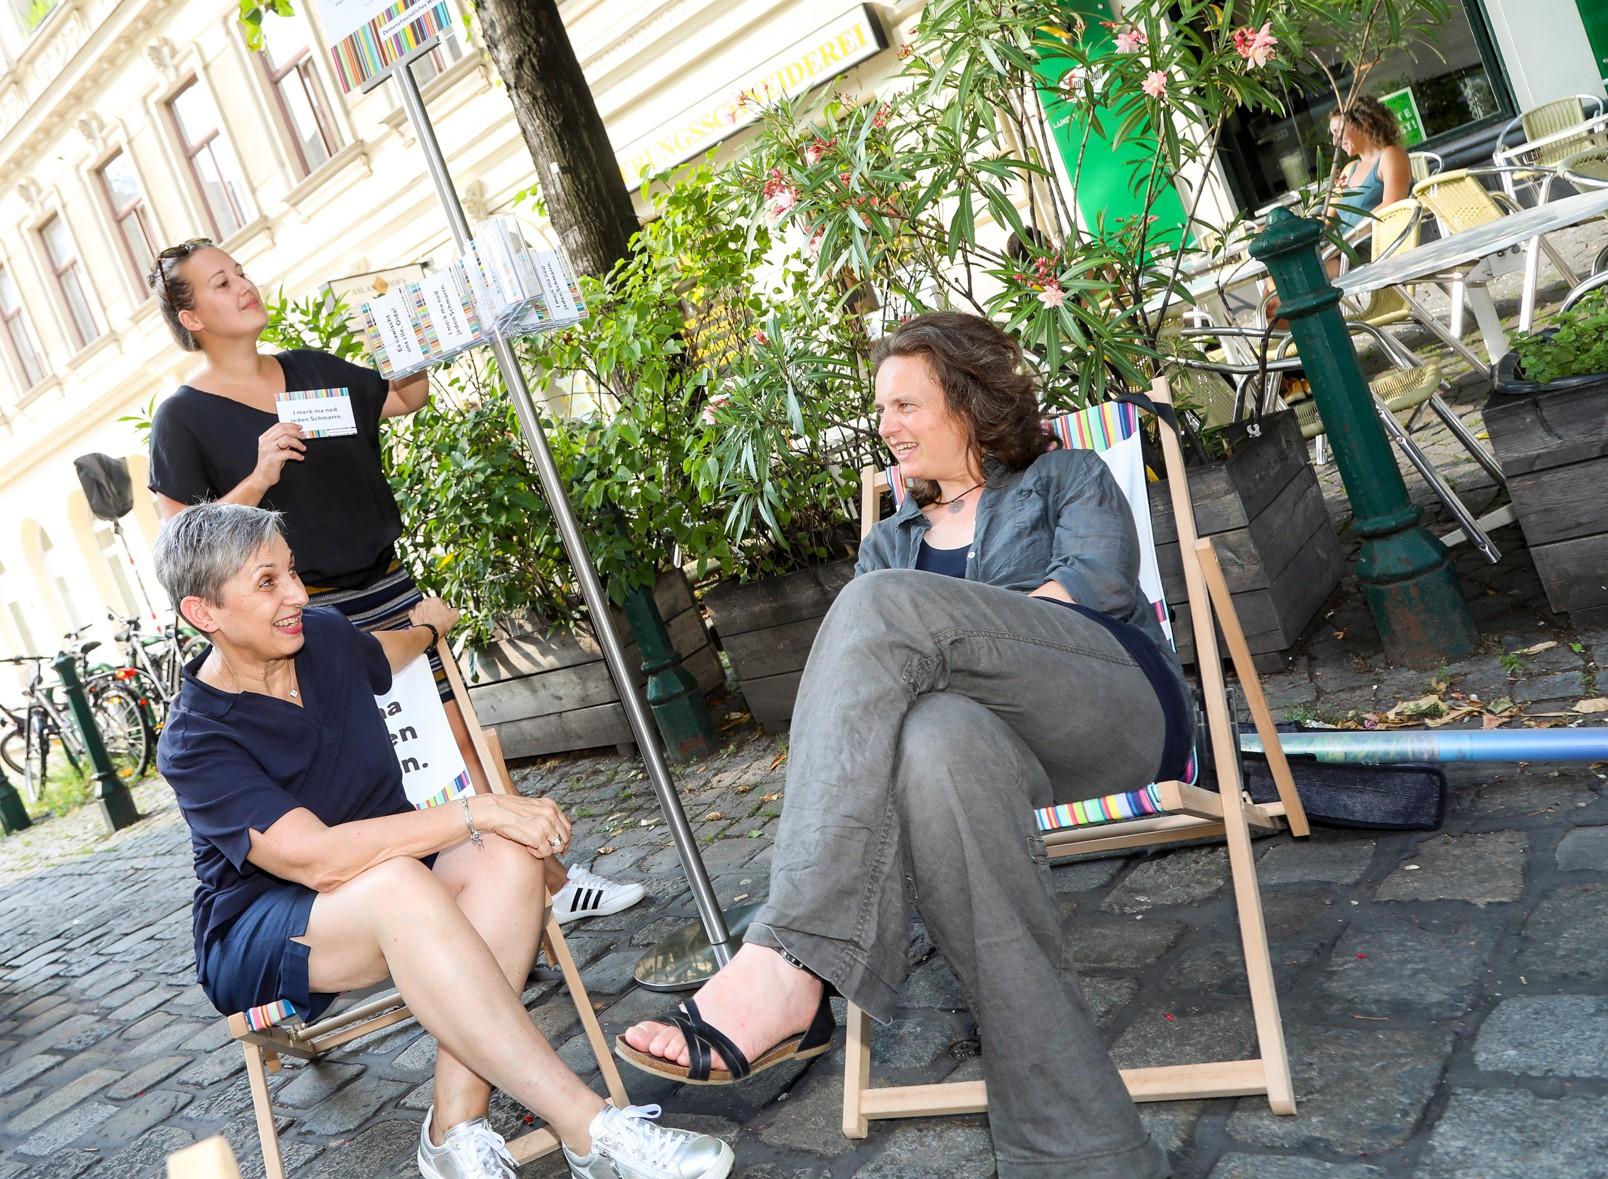 Drei Frauen sitzen auf Liegestühlen draußen, im Hintergrund ist es grün